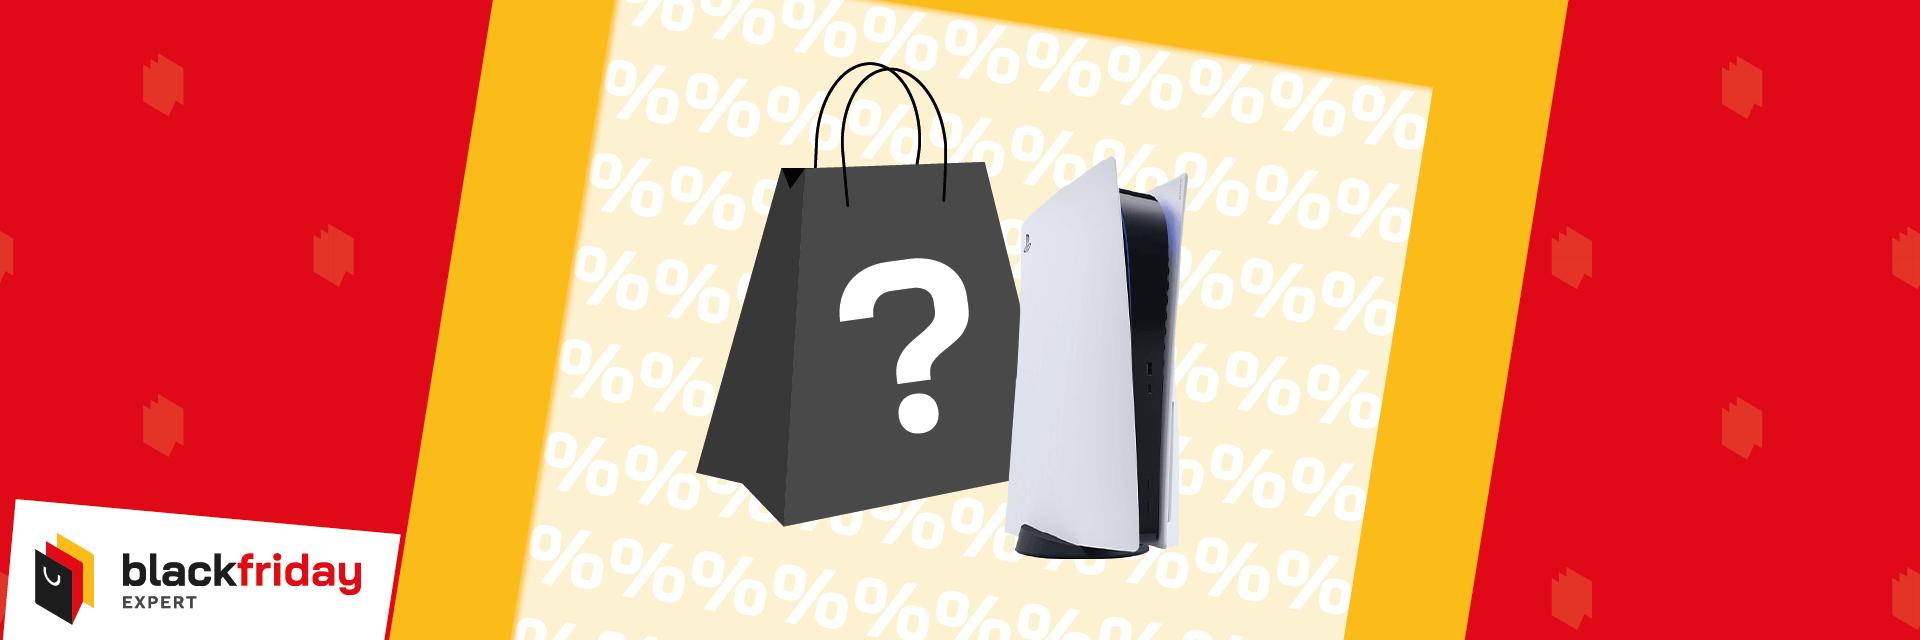 blog bij welke winkels PS5 kopen header